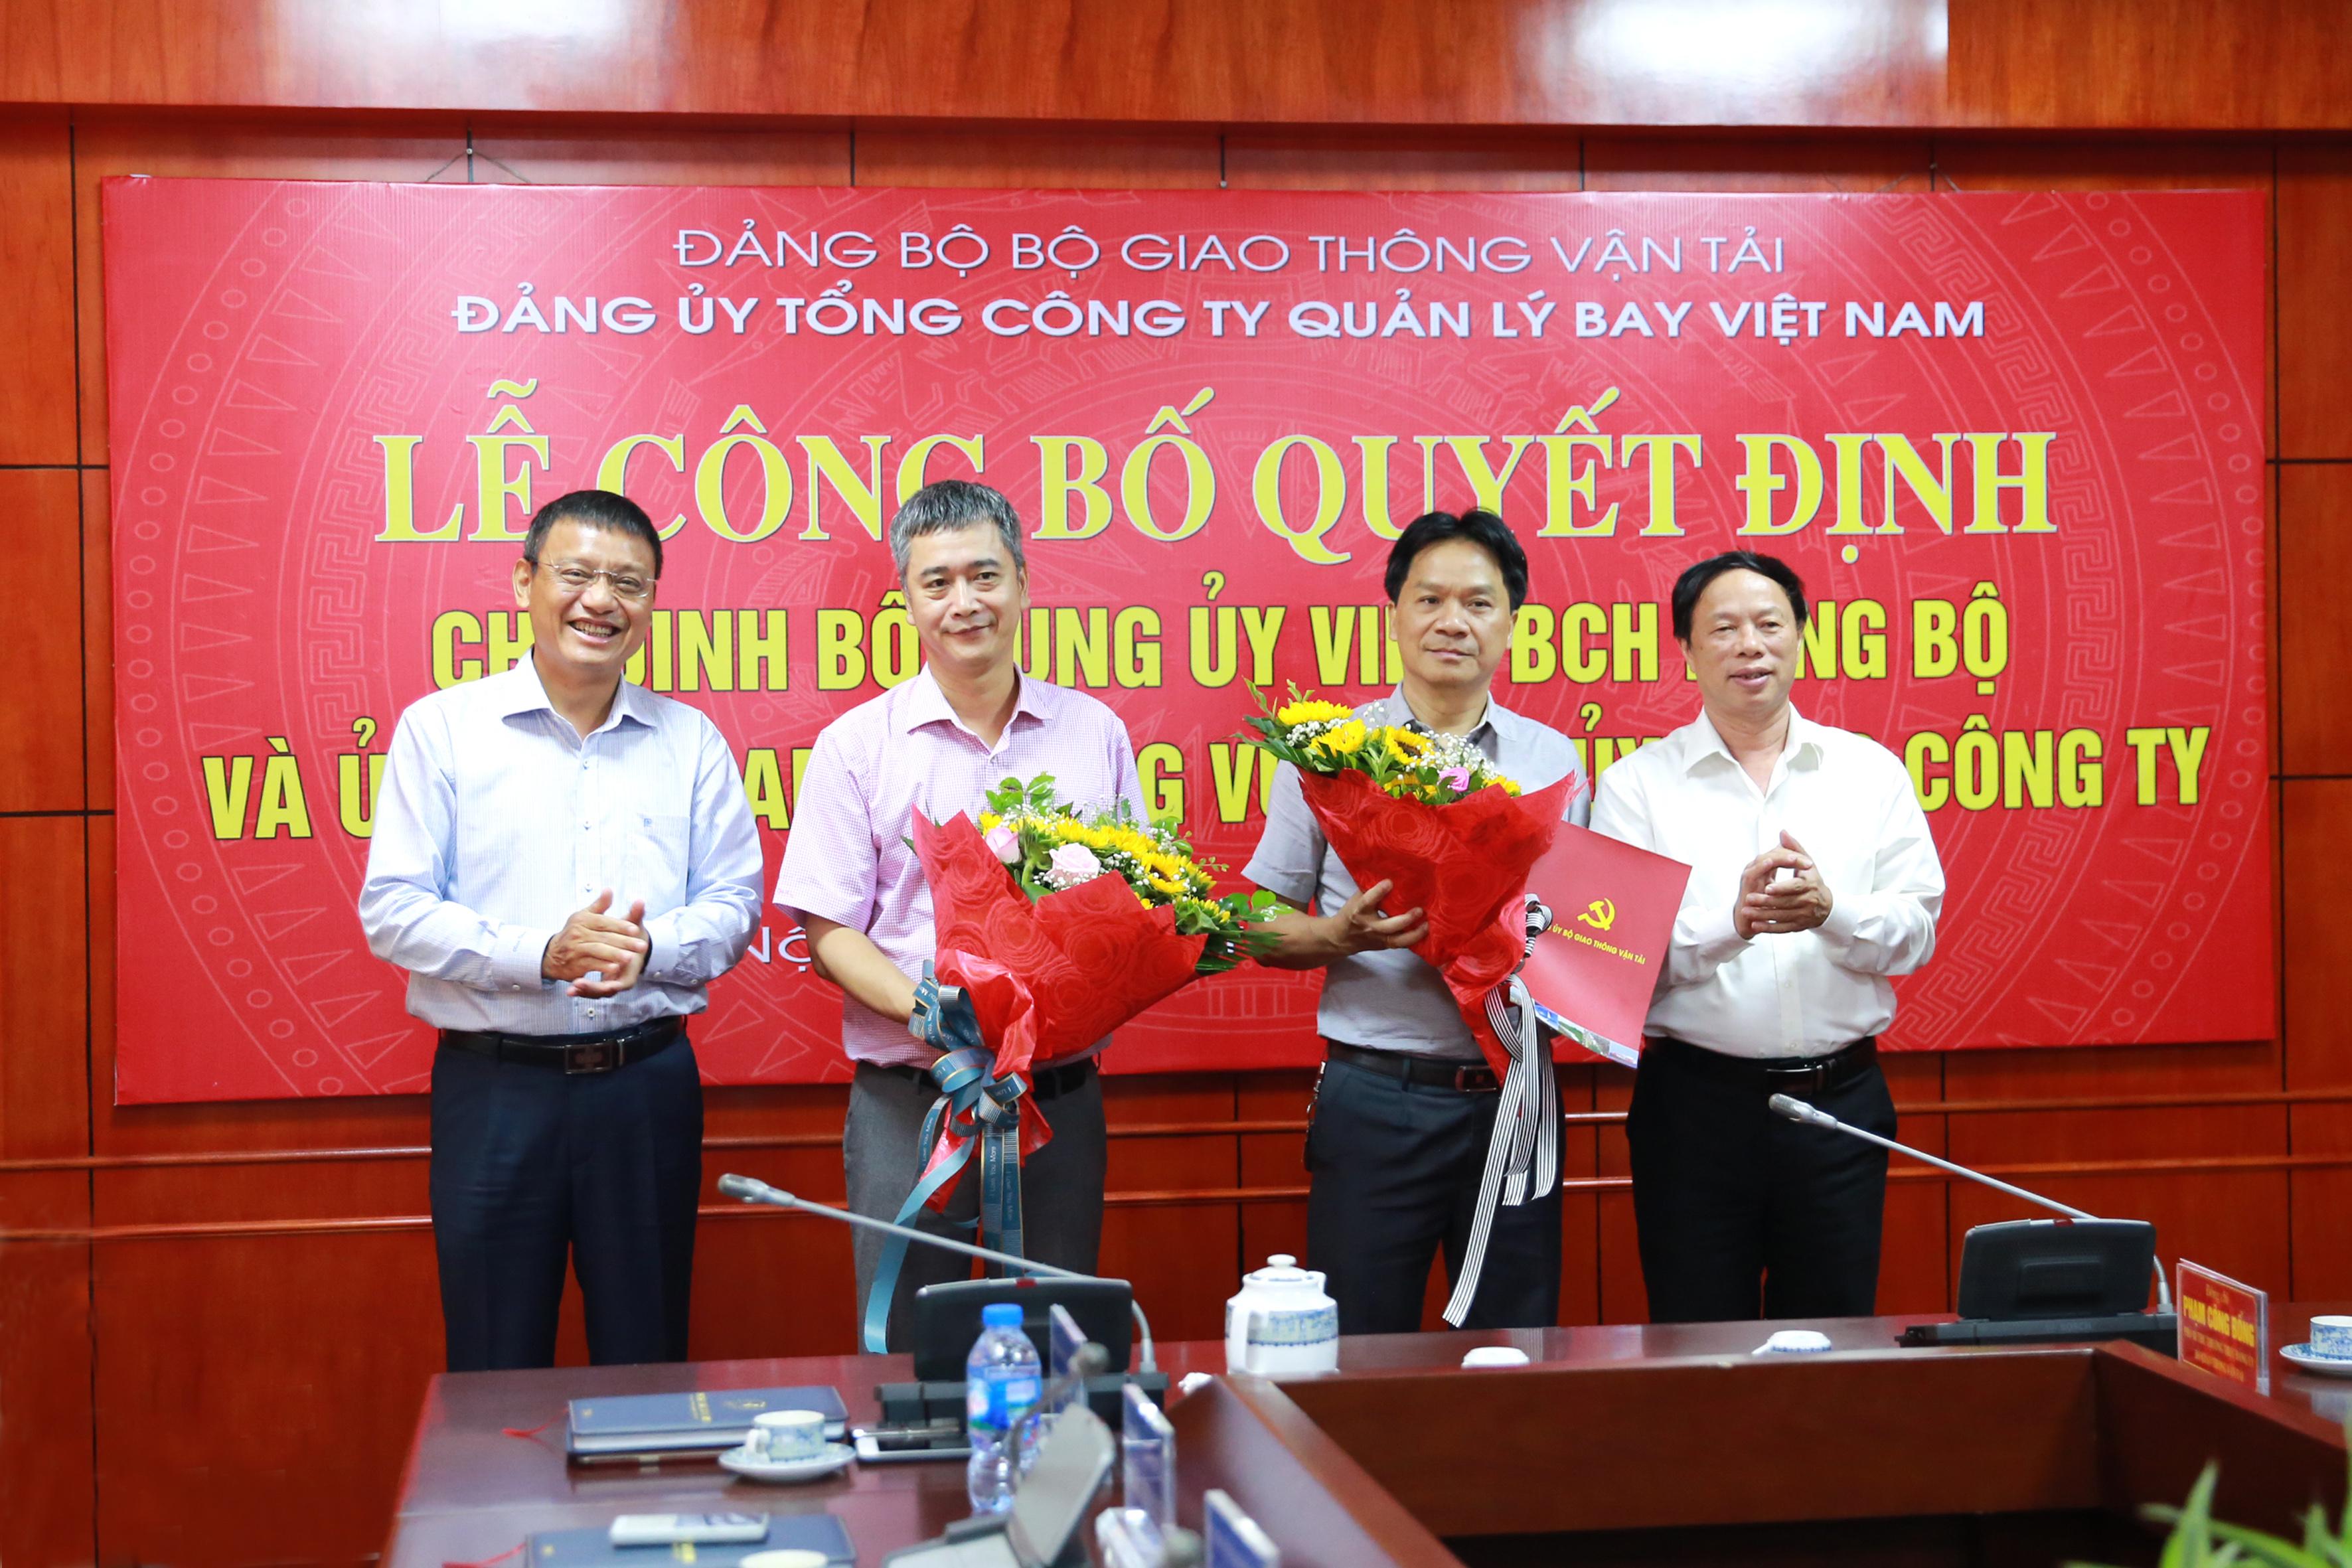 Lễ công bố Quyết định chỉ định bổ sung Ủy viên BCH Đảng bộ và Ủy viên Ban Thường vụ Đảng ủy Tổng công ty Quản lý bay Việt Nam